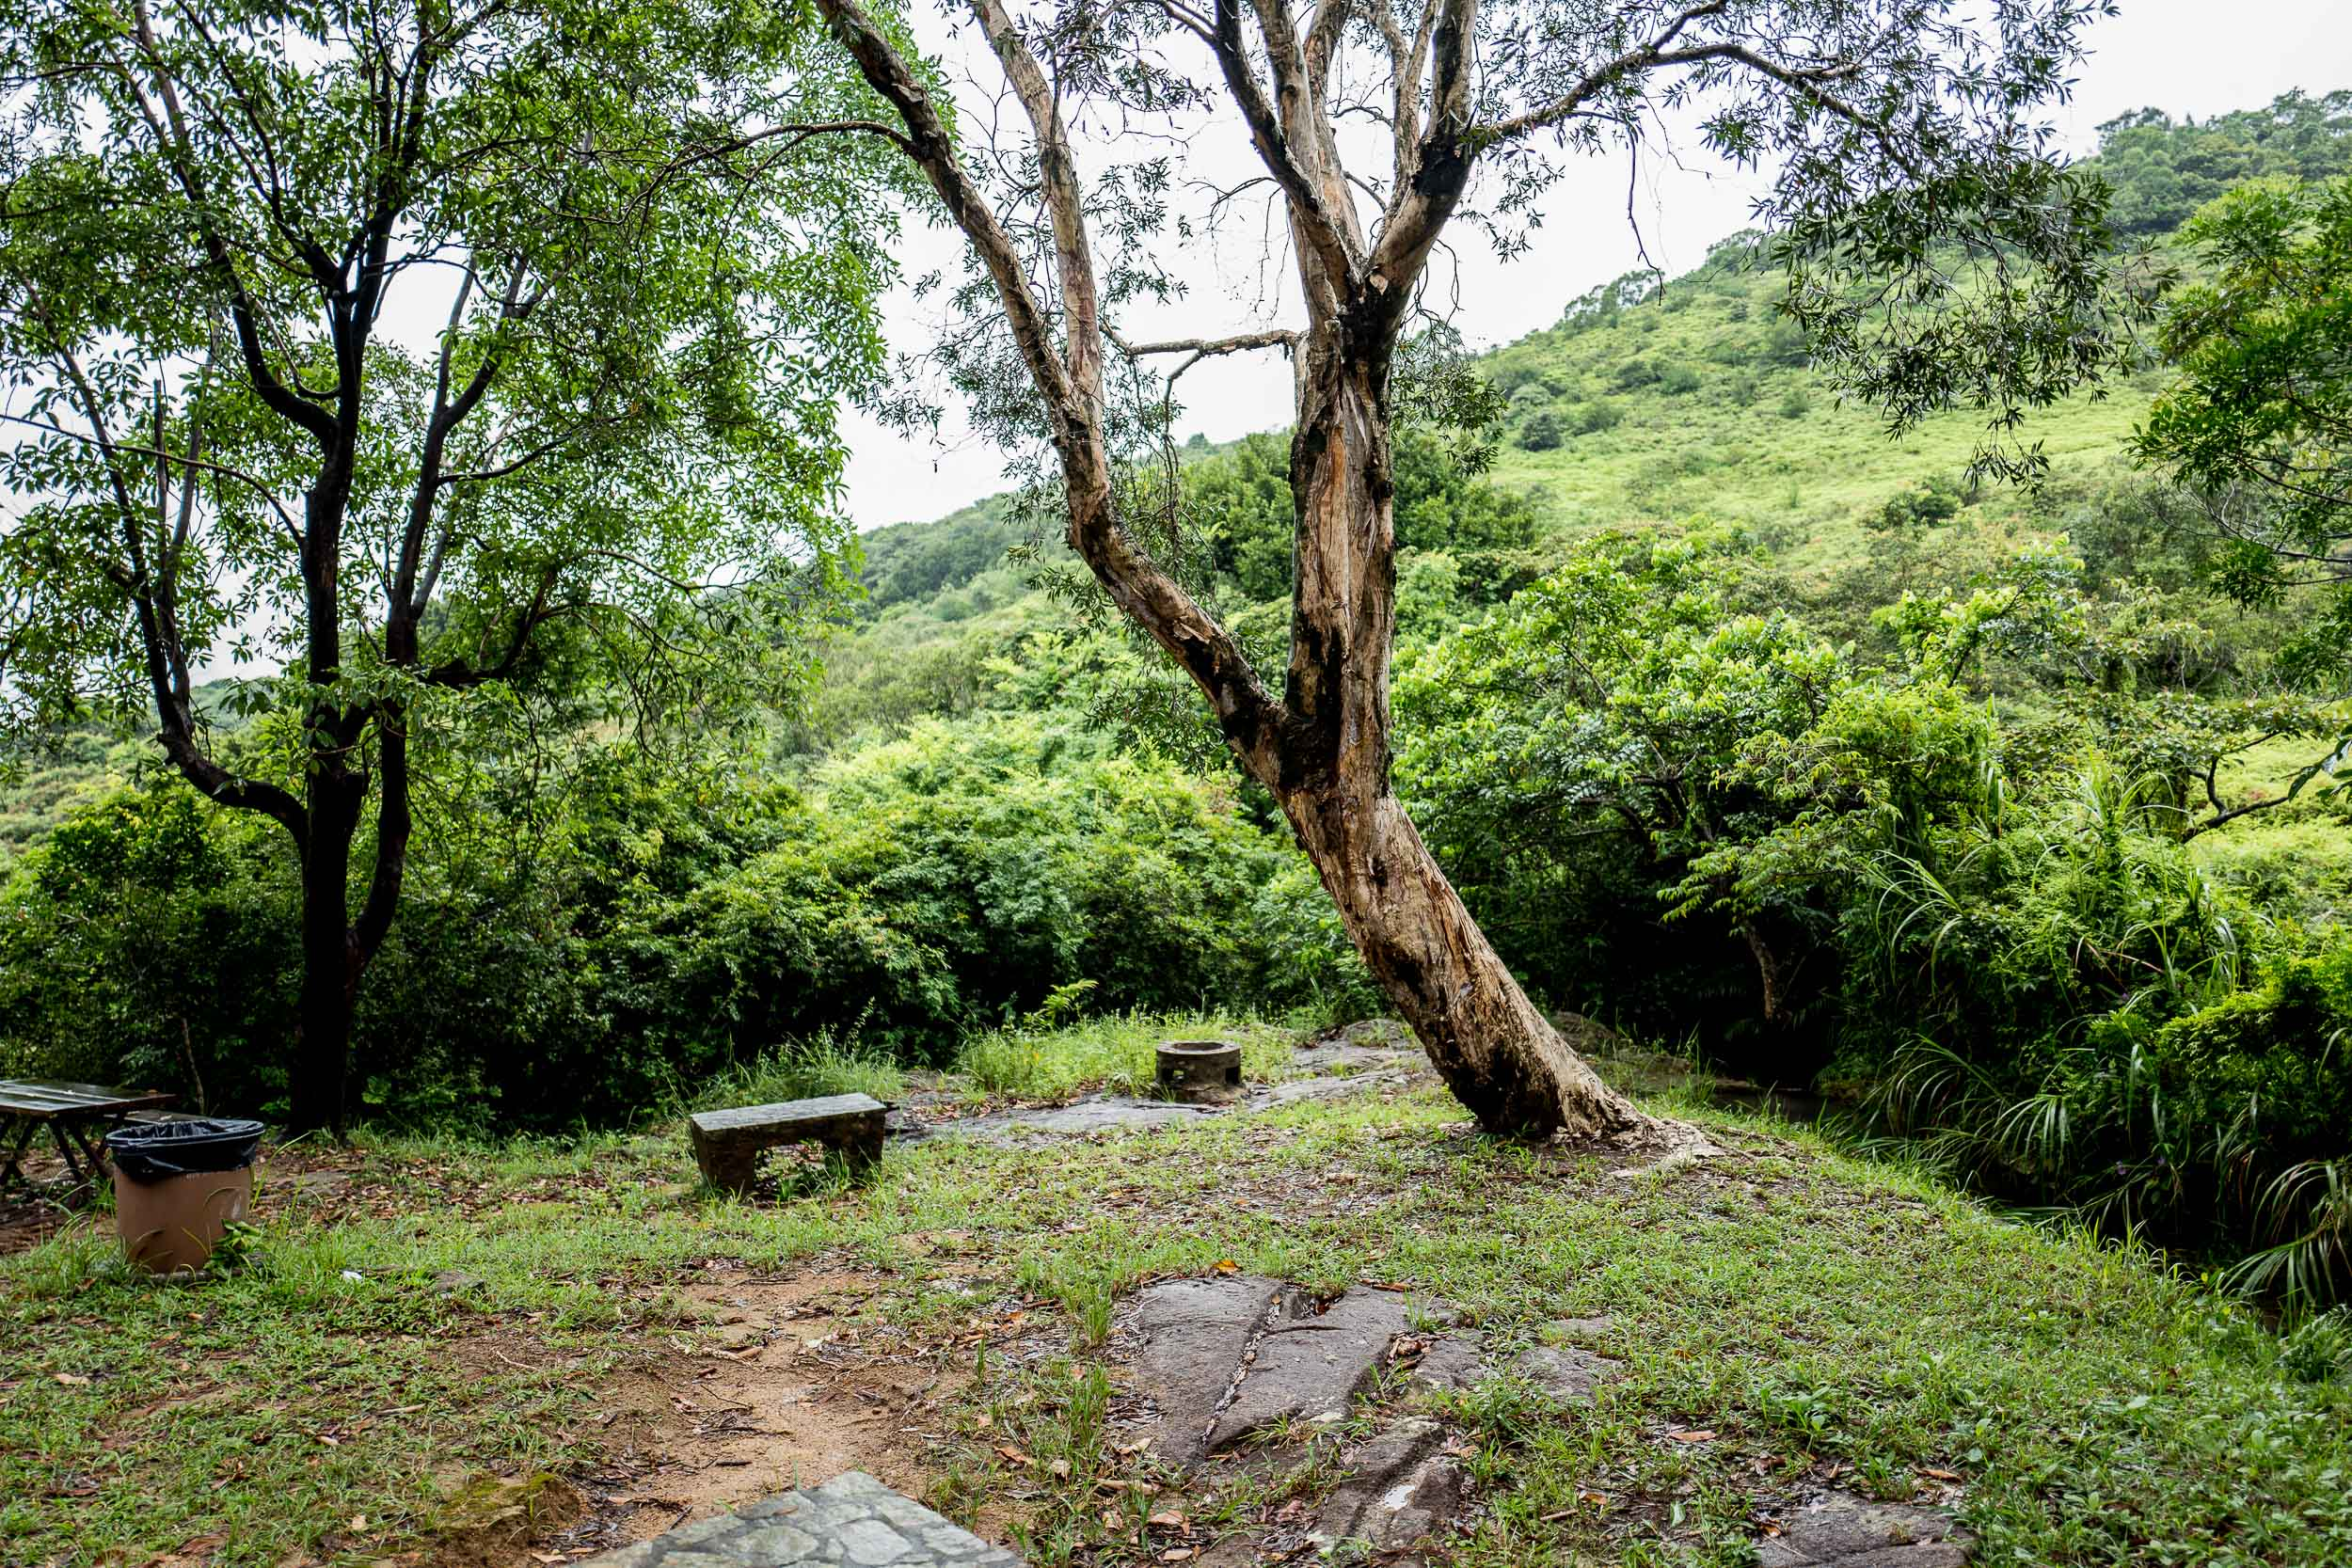 pak-fu-tin-campsite-lantau-hong-kong (74 of 123).jpg